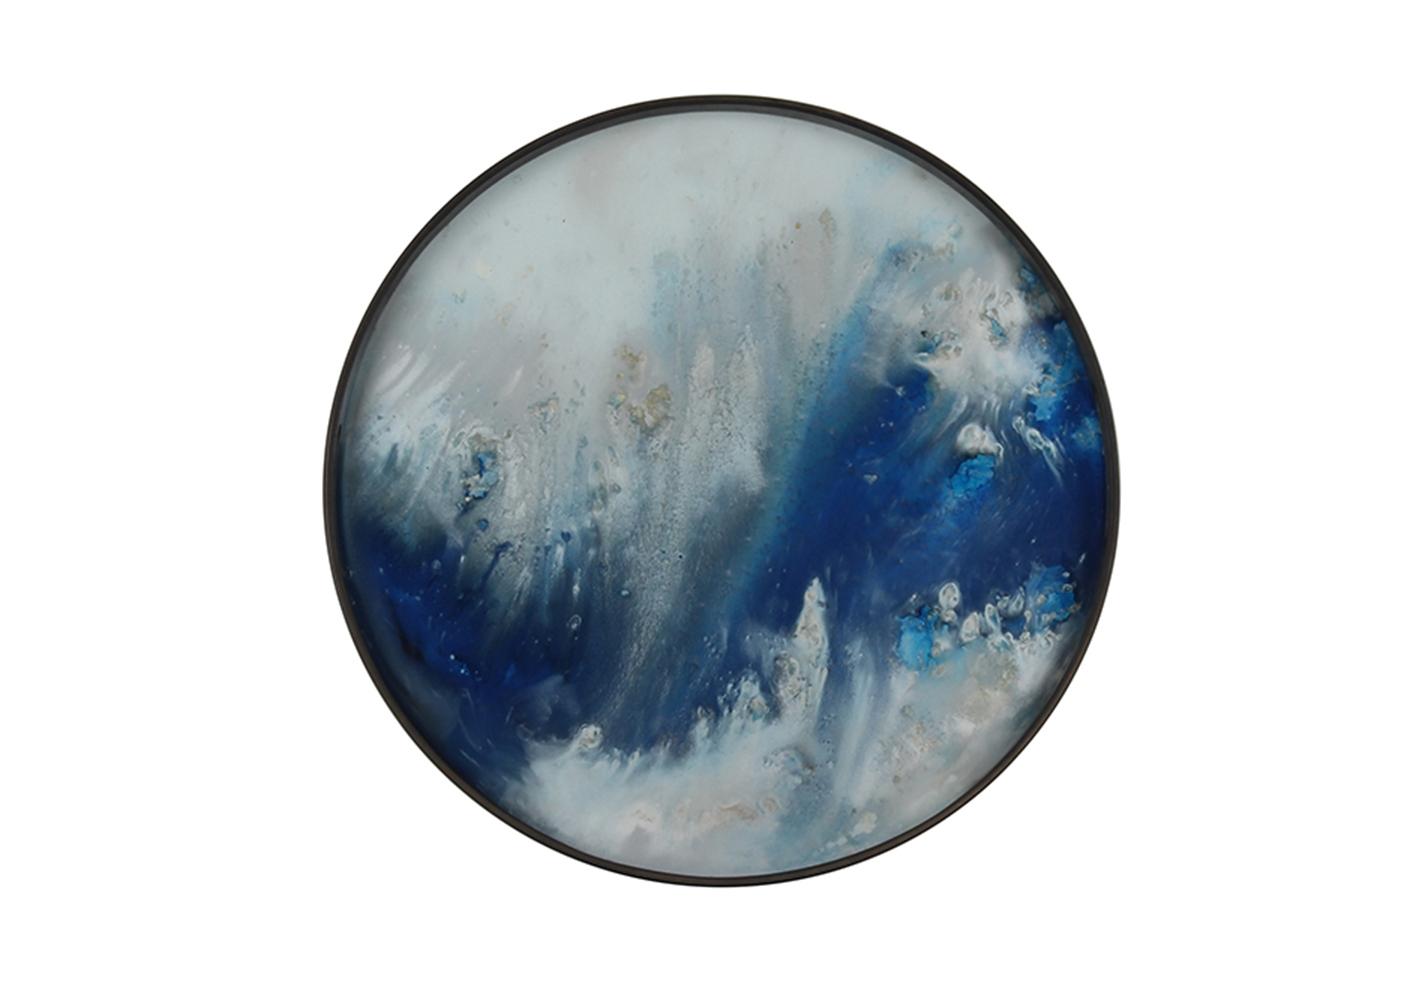 Plateau Blue mist organic - NOTRE MONDE